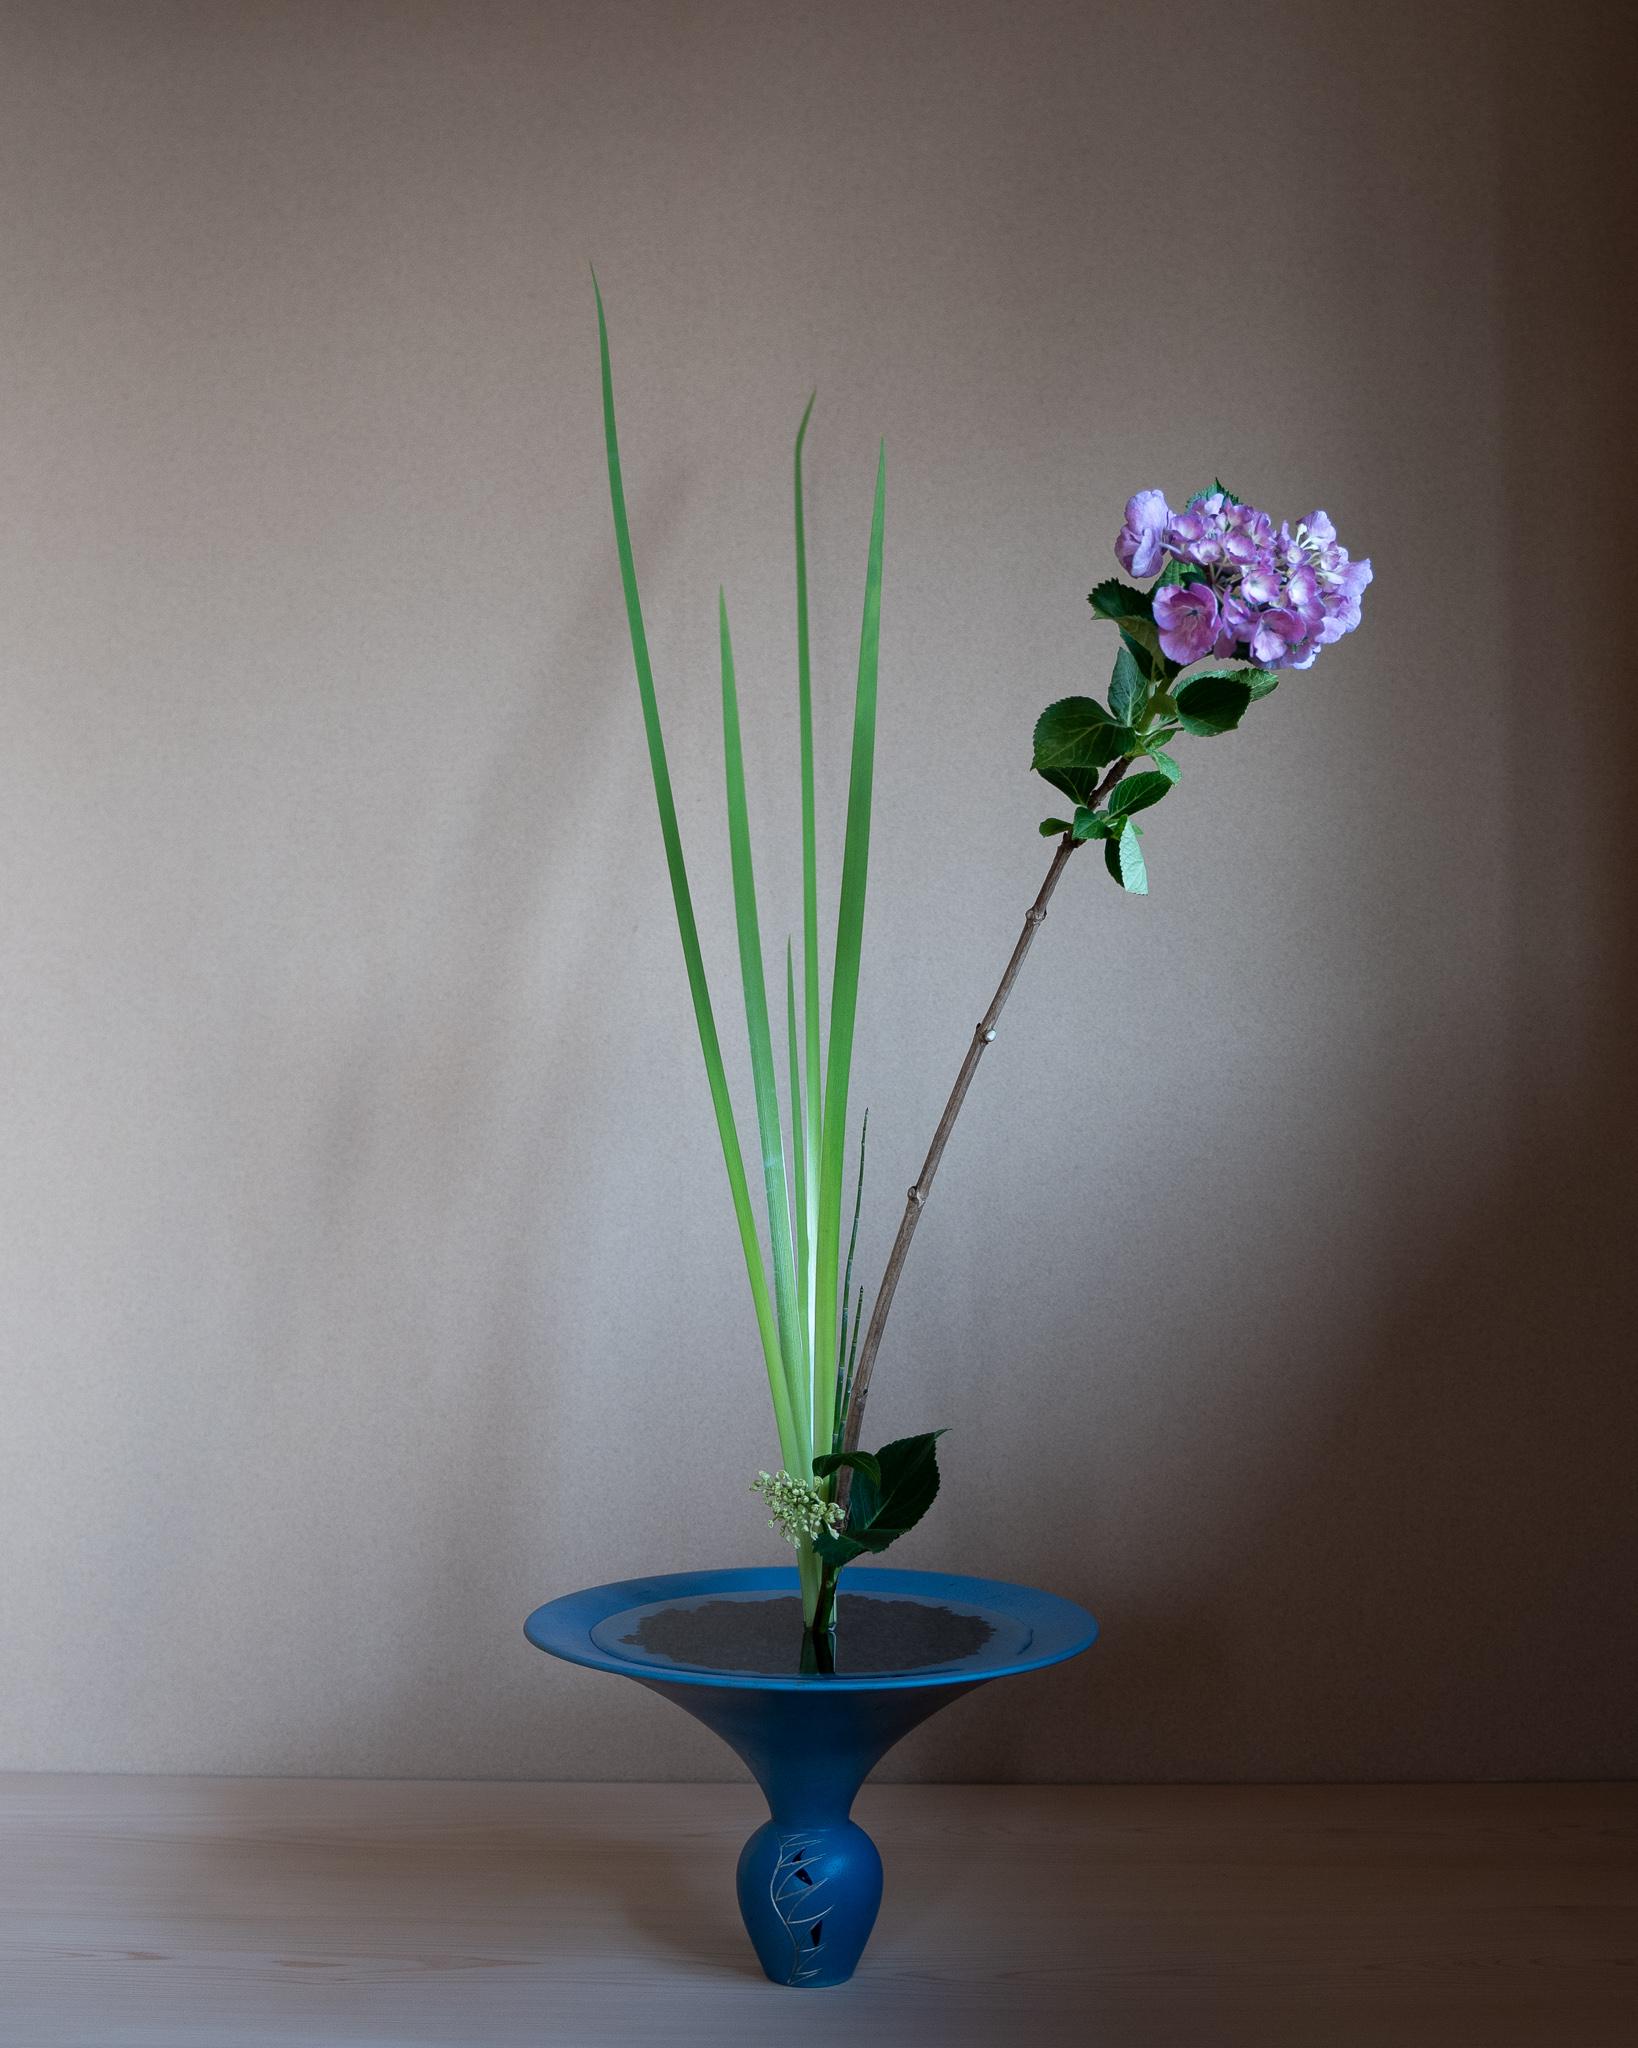 生花新風体 紫陽花、オクロレウカ、とくさ